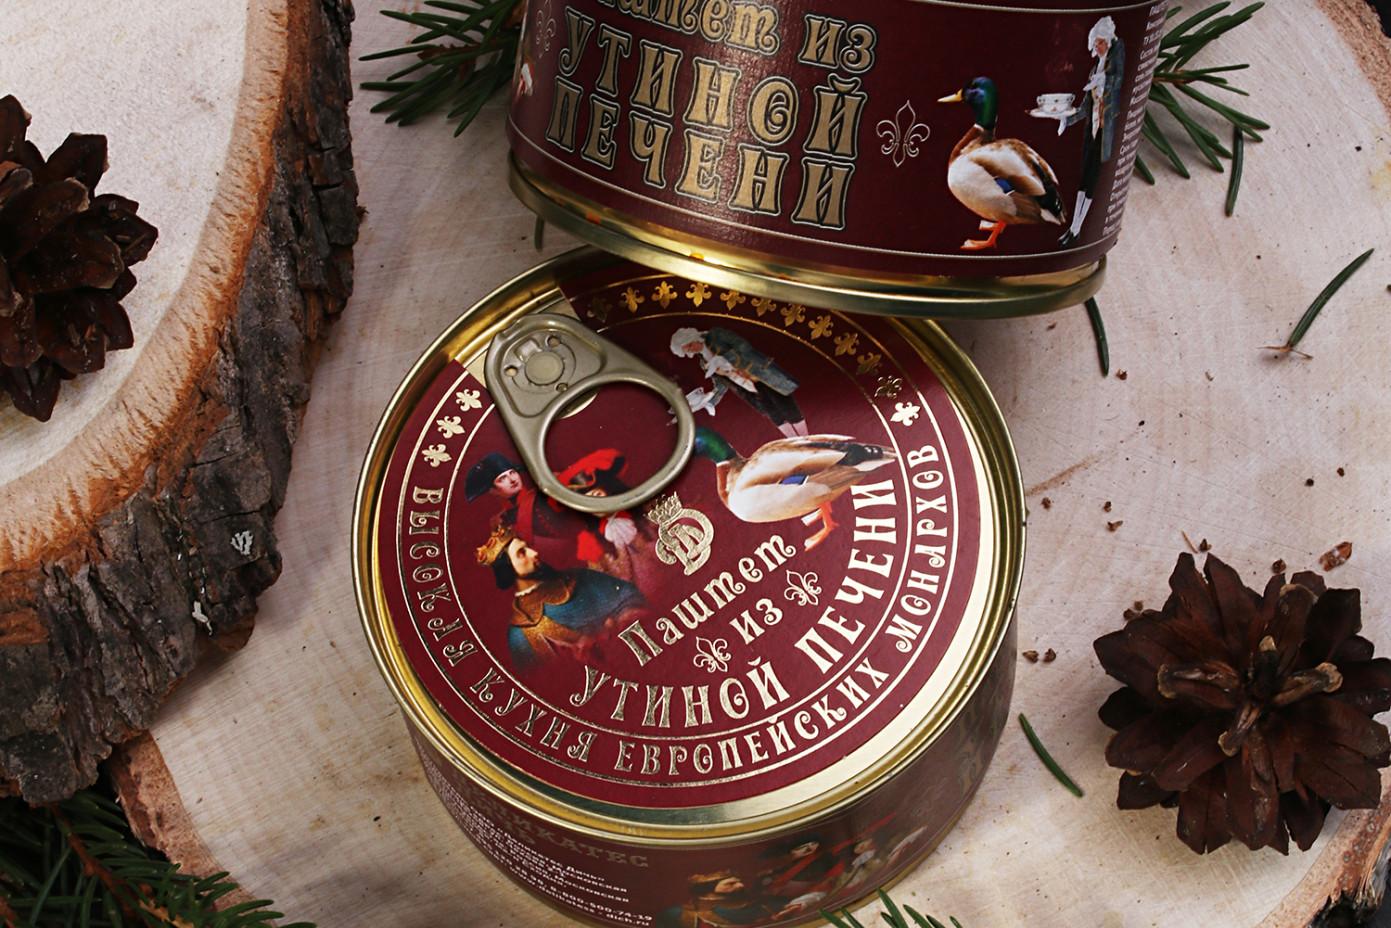 Паштет из утиной печени «Высокая кухня европейских монархов»